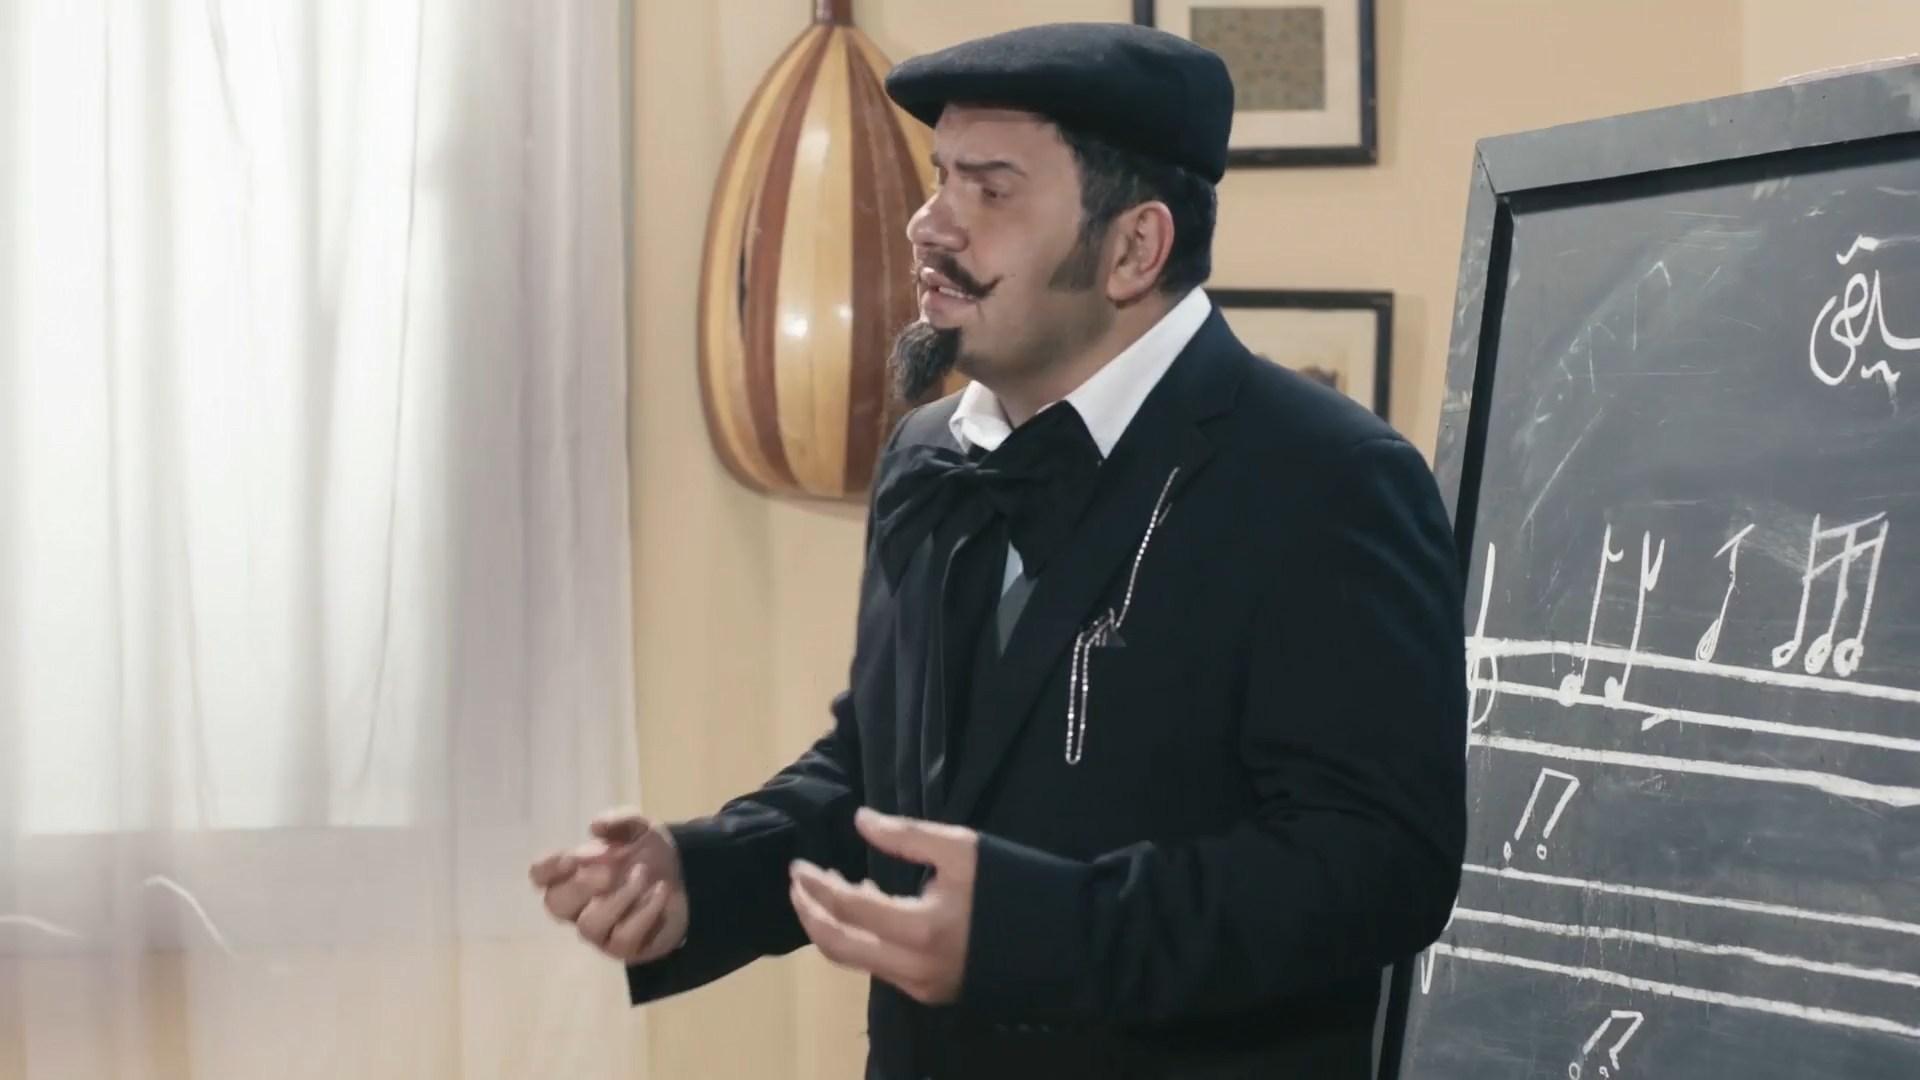 [فيلم][تورنت][تحميل][مهمة في فيلم قديم][2012][1080p][Web-DL] 7 arabp2p.com